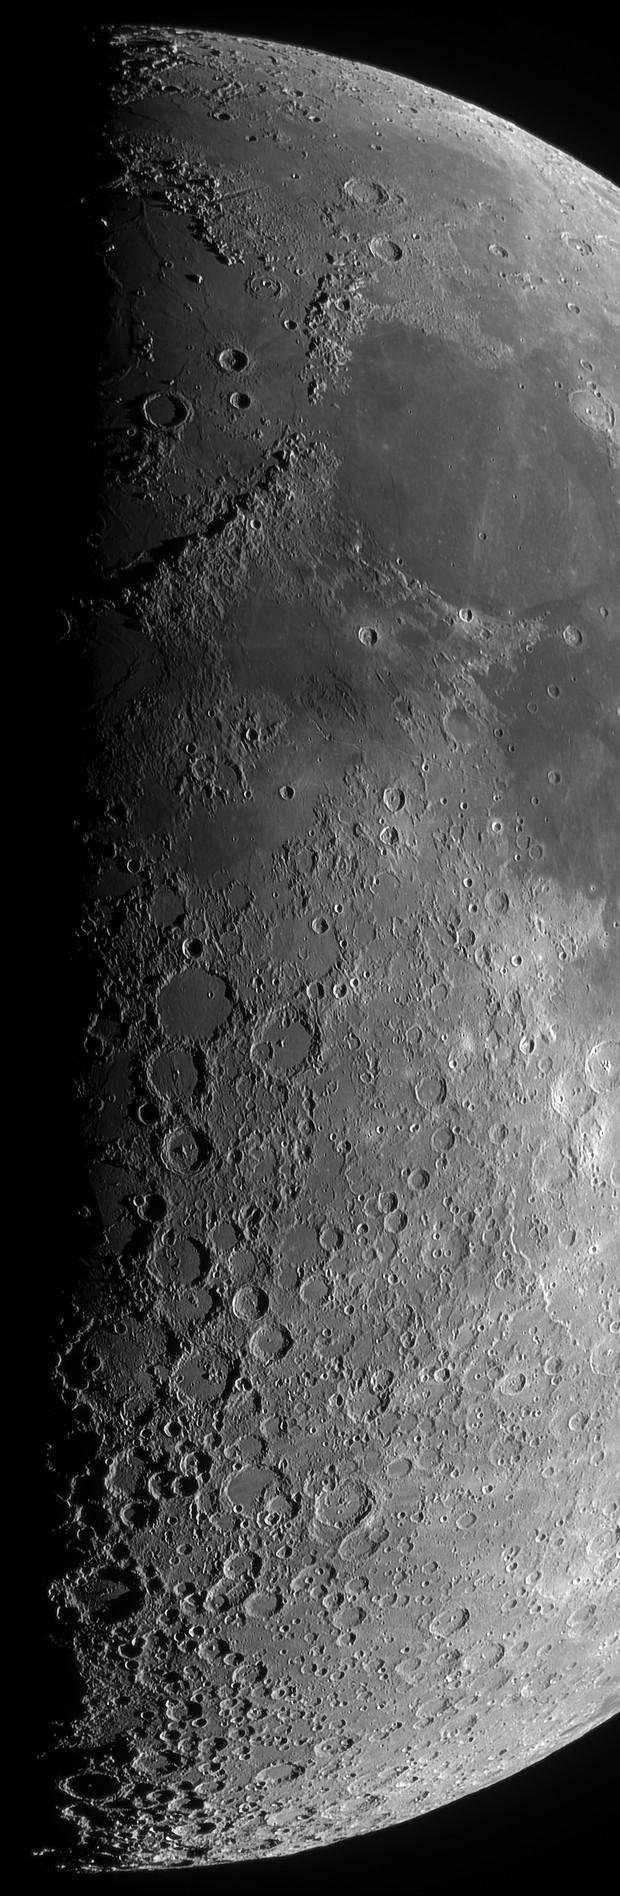 Treasures of the Central Lunar Meridian,                                Przemysław Majewski & teleskopy.pl